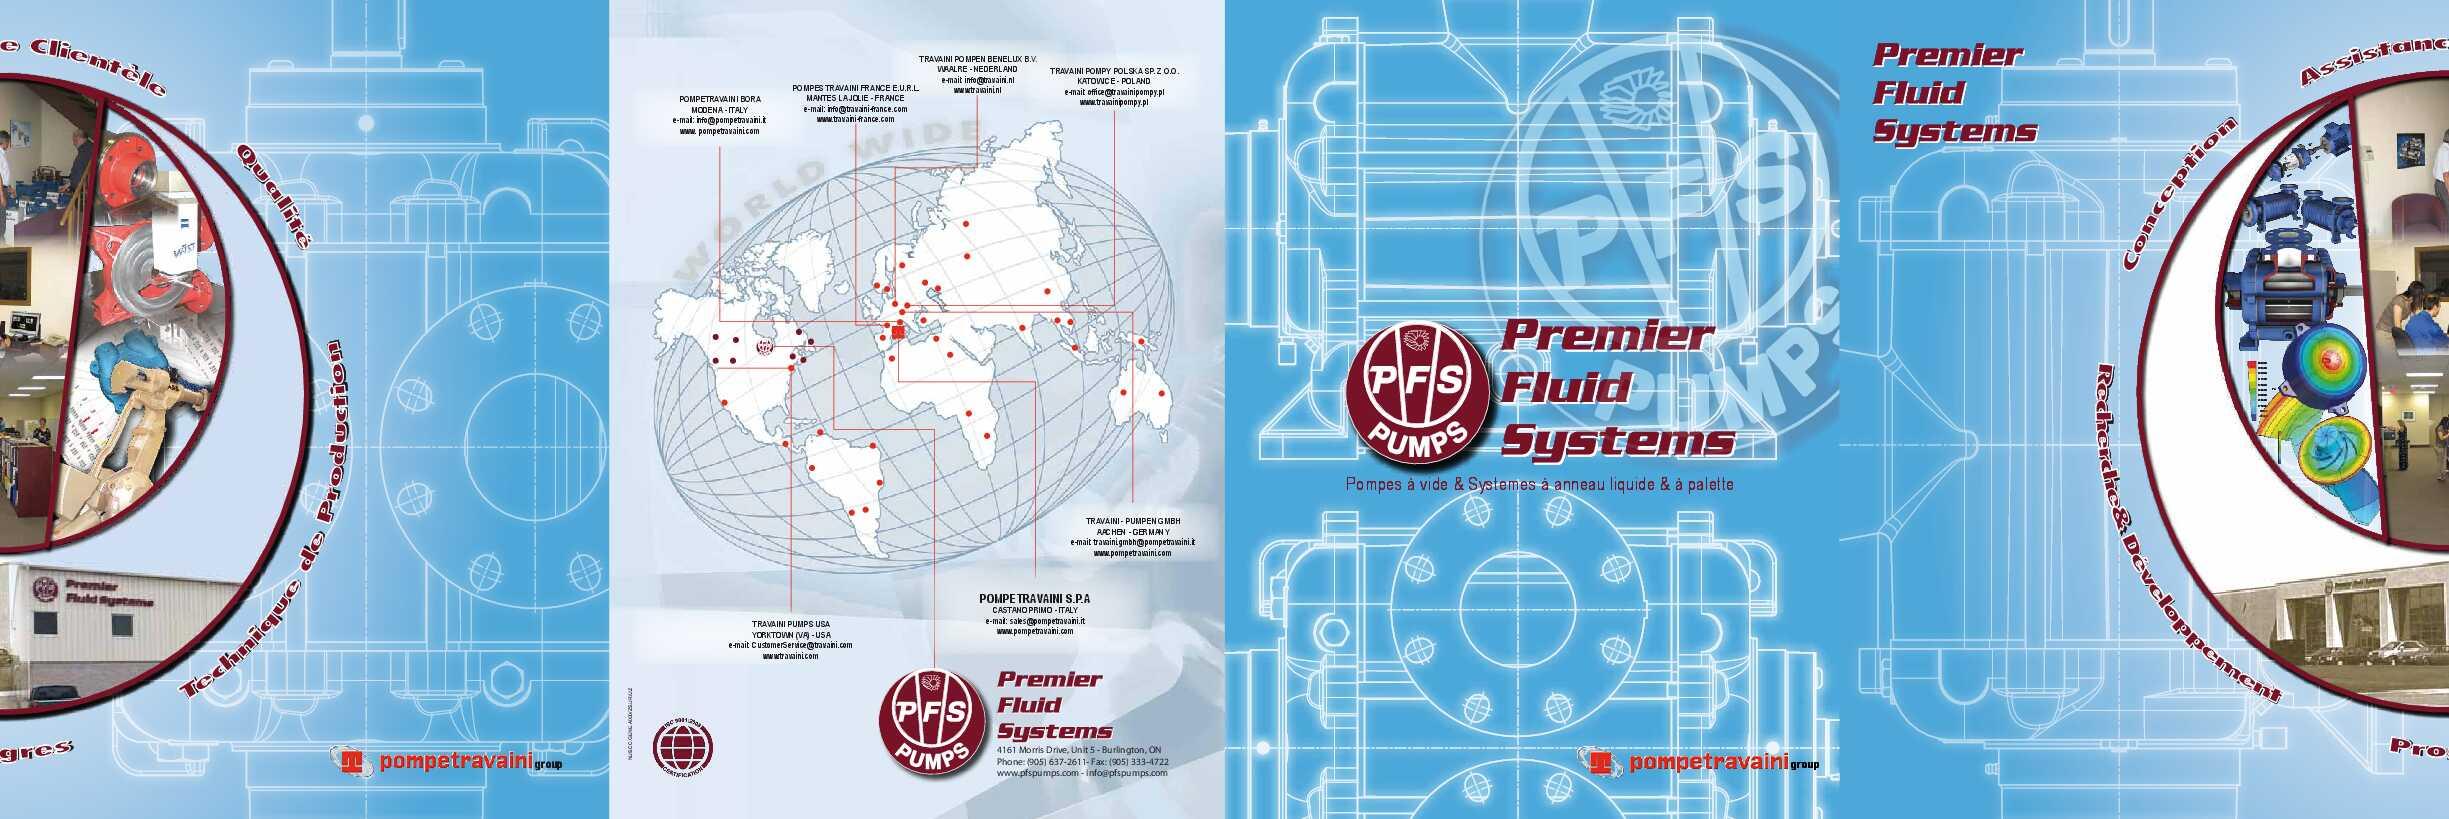 Premier Fluid System Catalogue